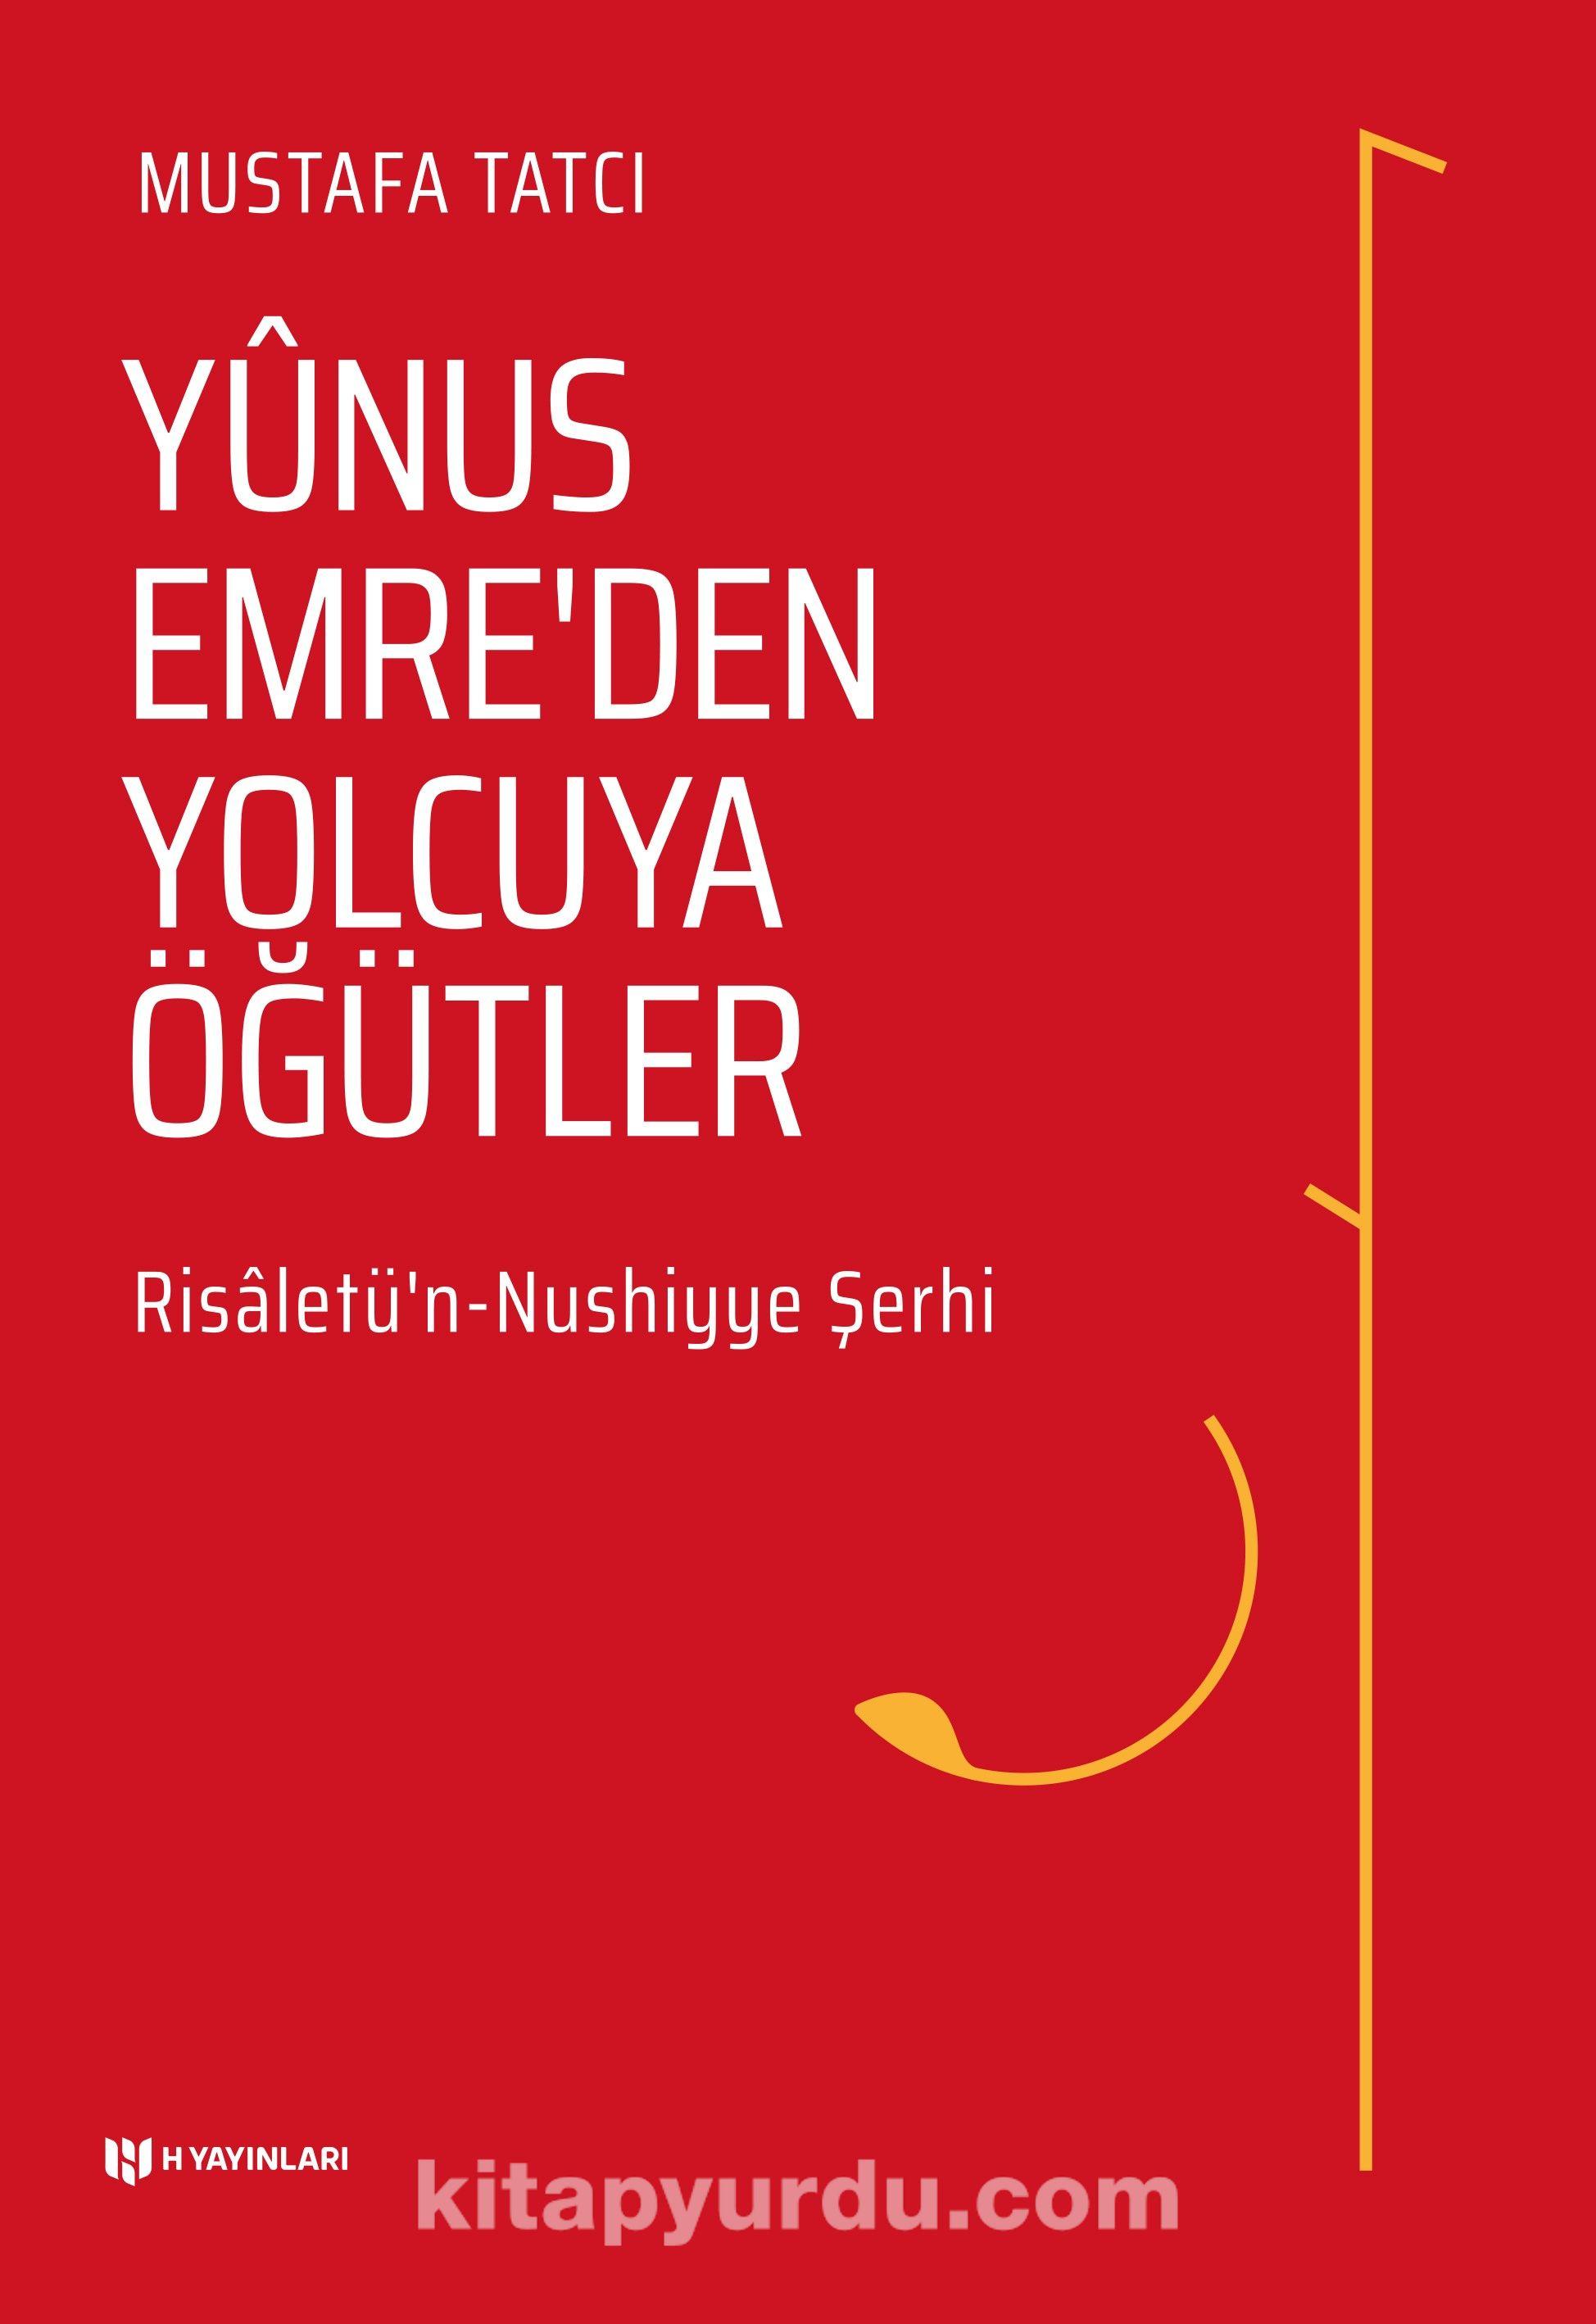 Yunus Emre'den Yolcuya Öğütler - Mustafa Tatcı pdf epub